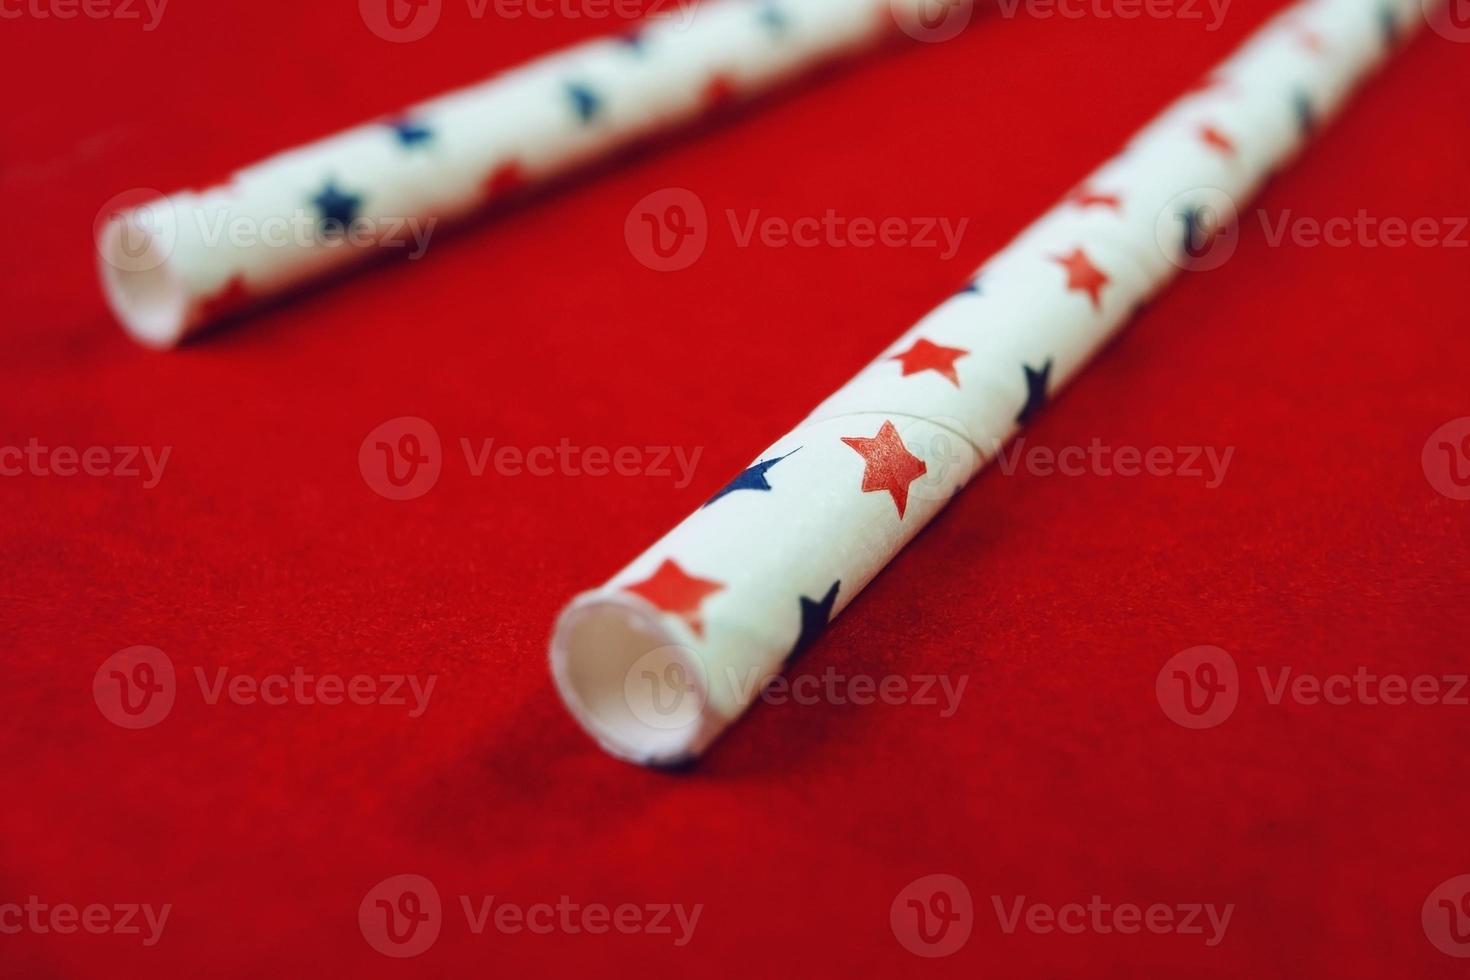 Une macro étonnante et patriotique de deux tuyaux avec texture étoile et fond rouge qui rappelle le drapeau des États-Unis photo